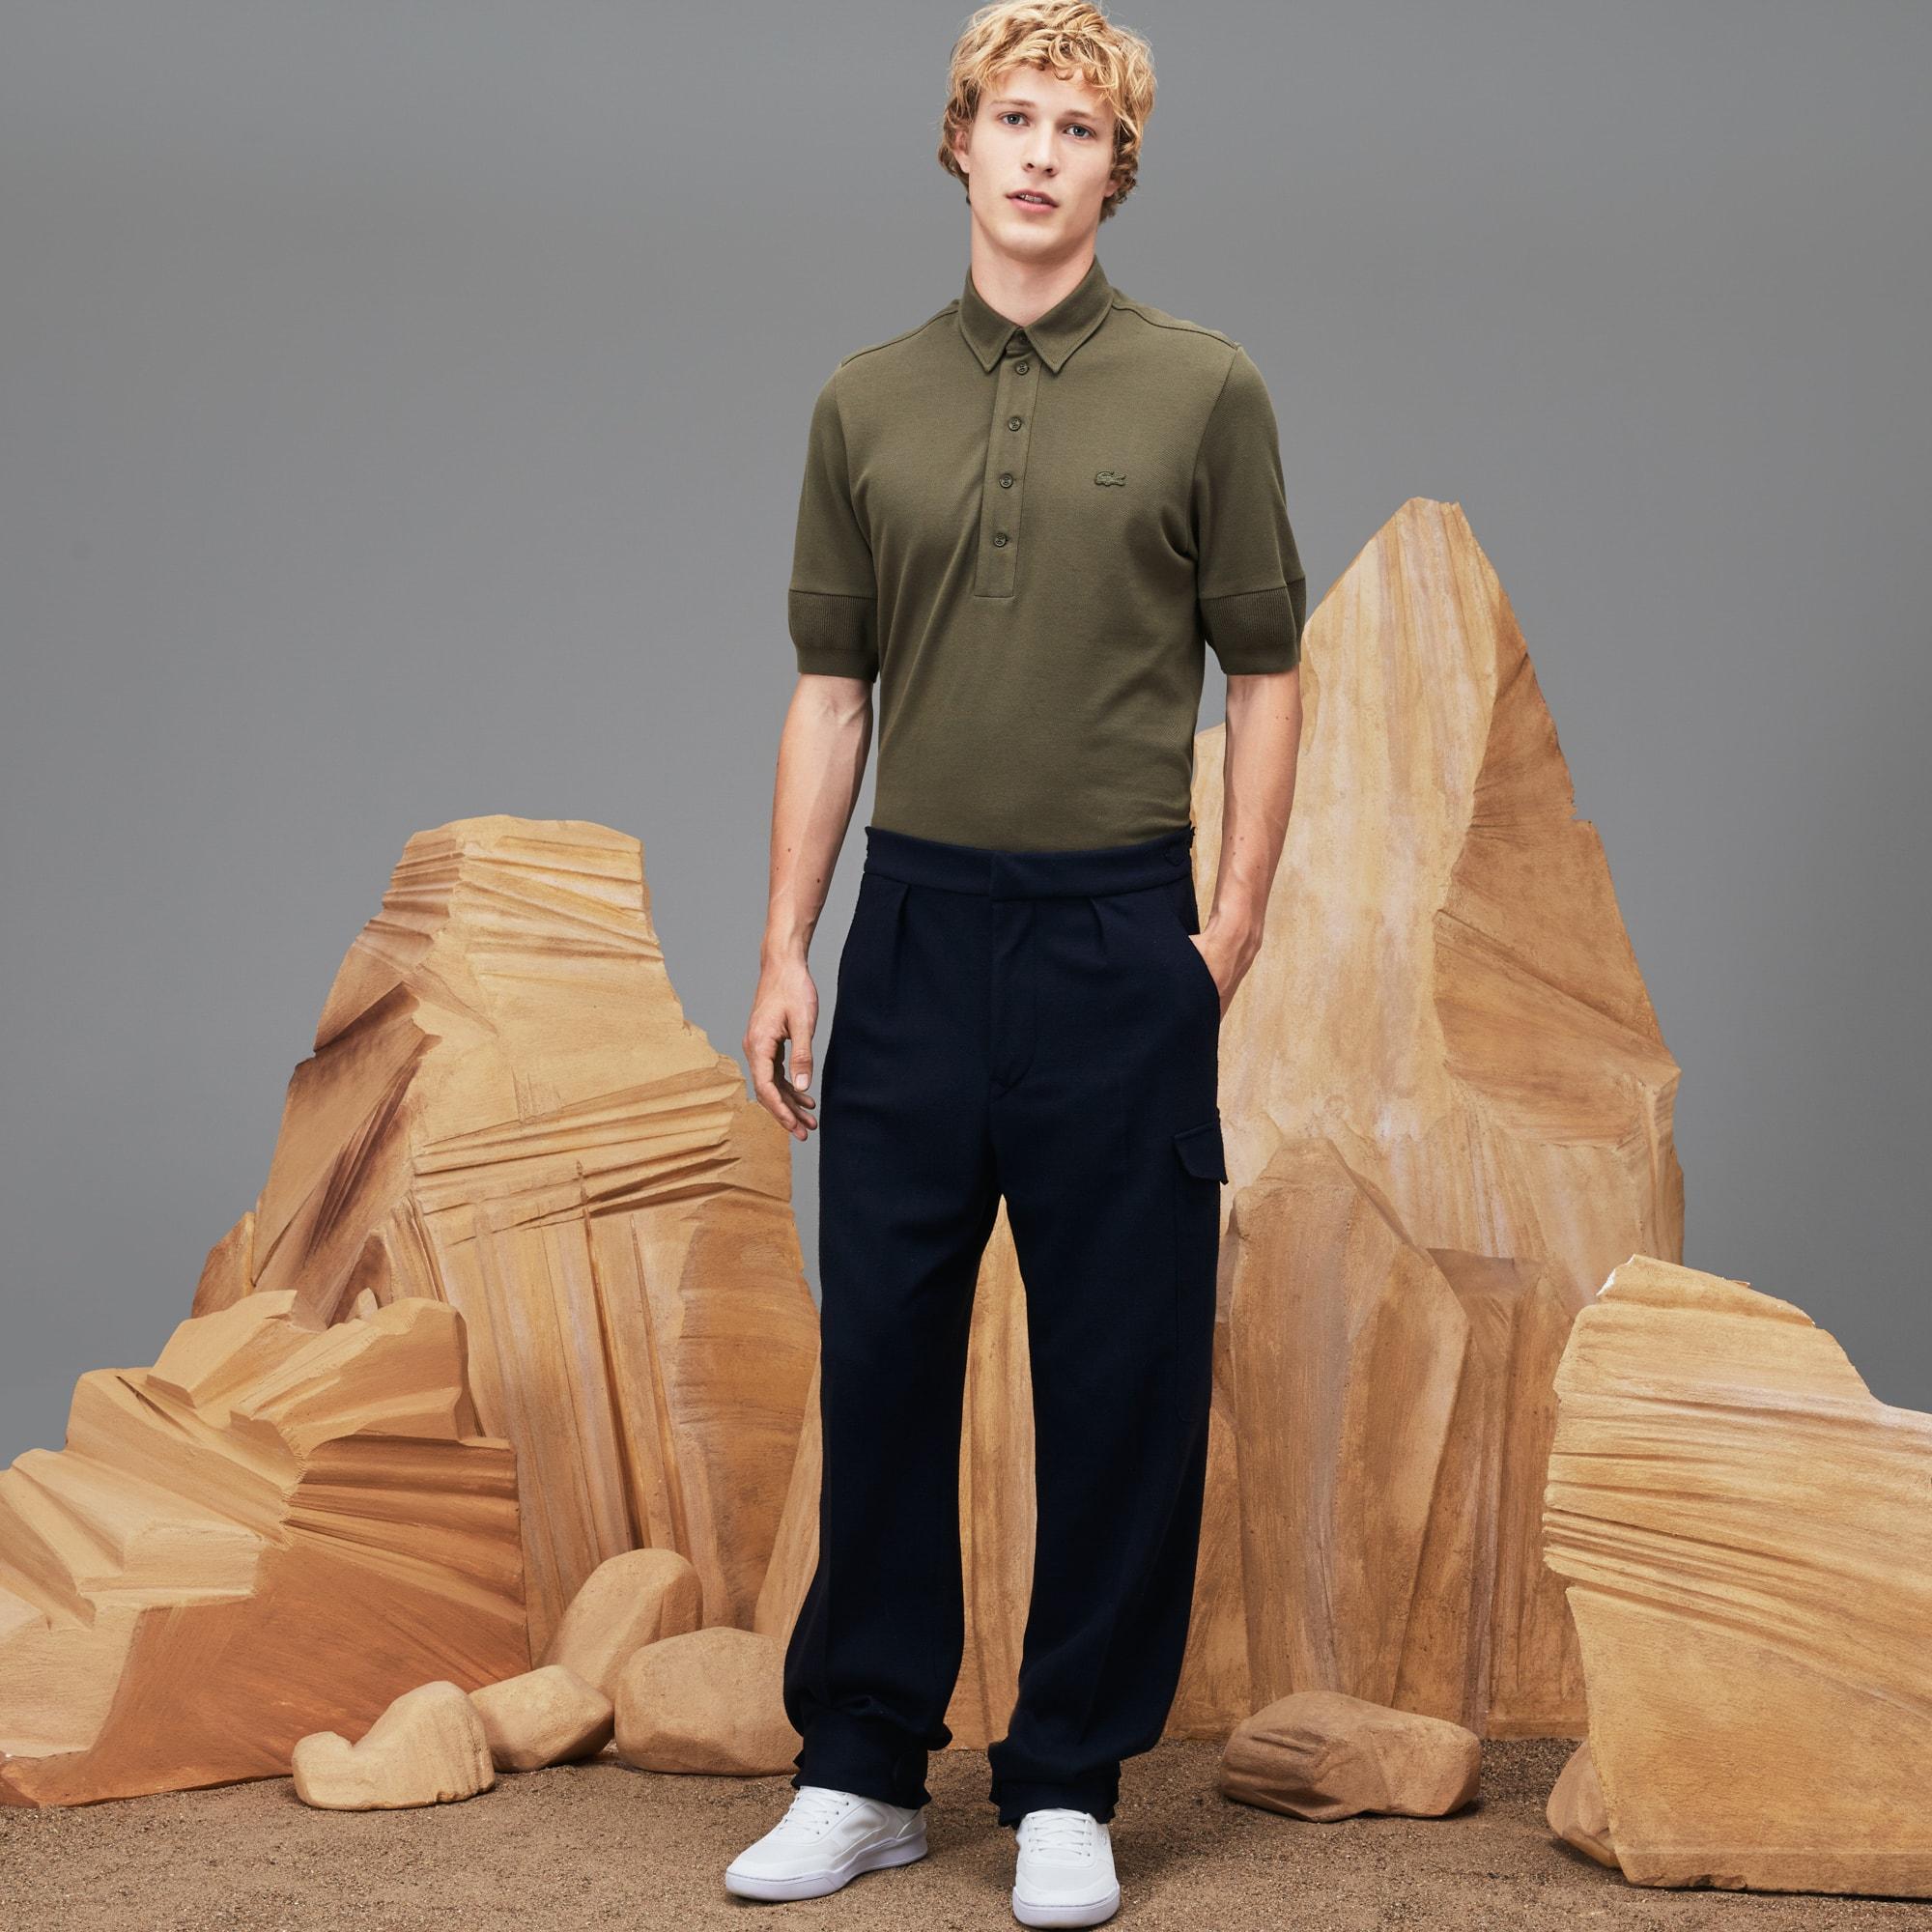 Men's Fashion Show Wide Fit Wool Interlock Knit Pants